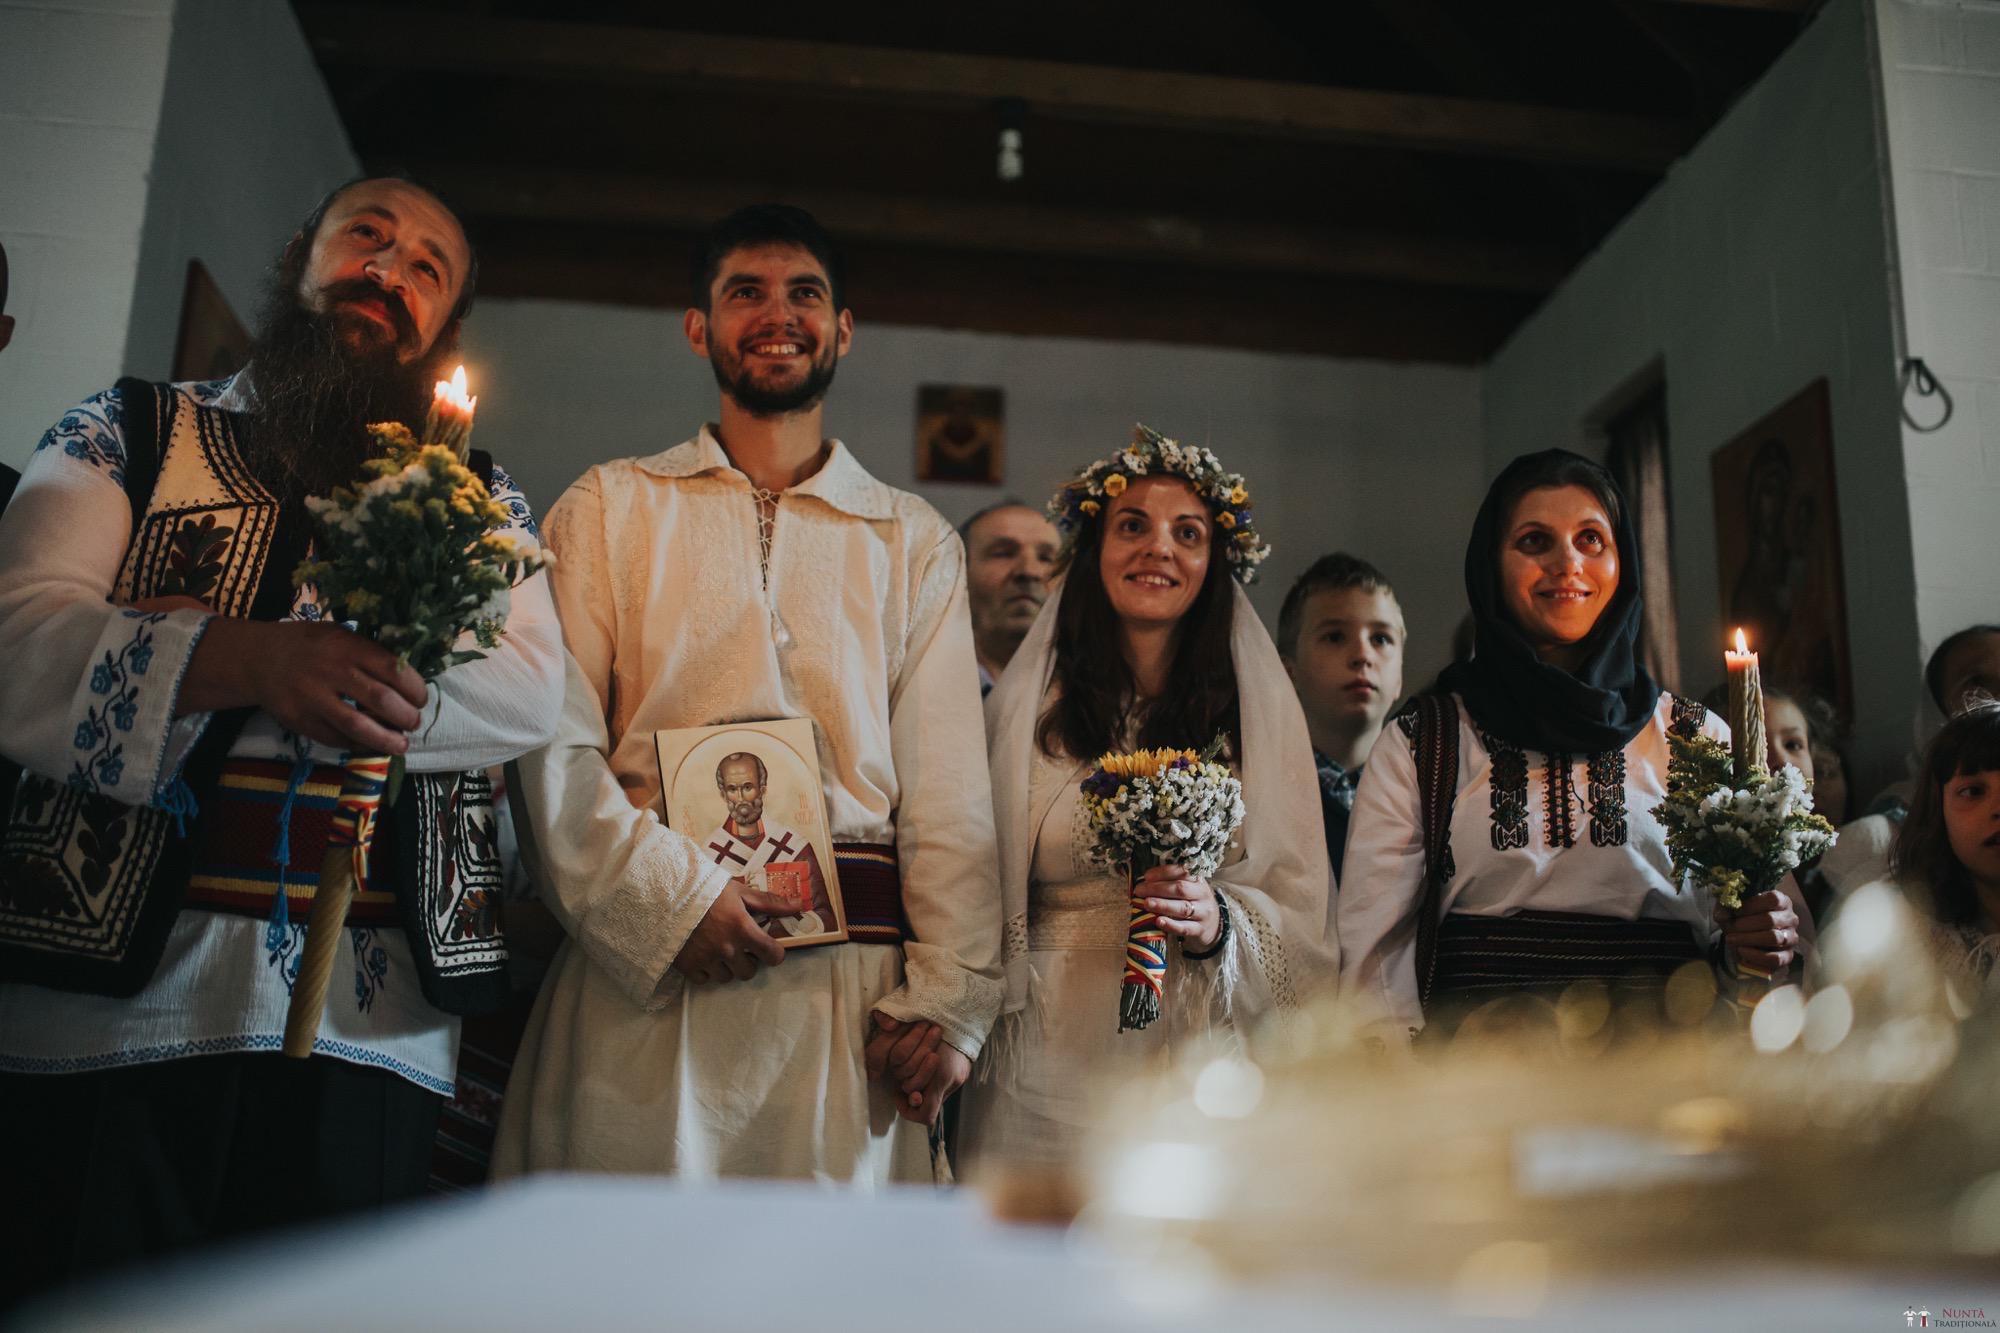 Povești Nunți Tradiționale - Gabriela și Iulian. Nuntă românească în Belgia. 40